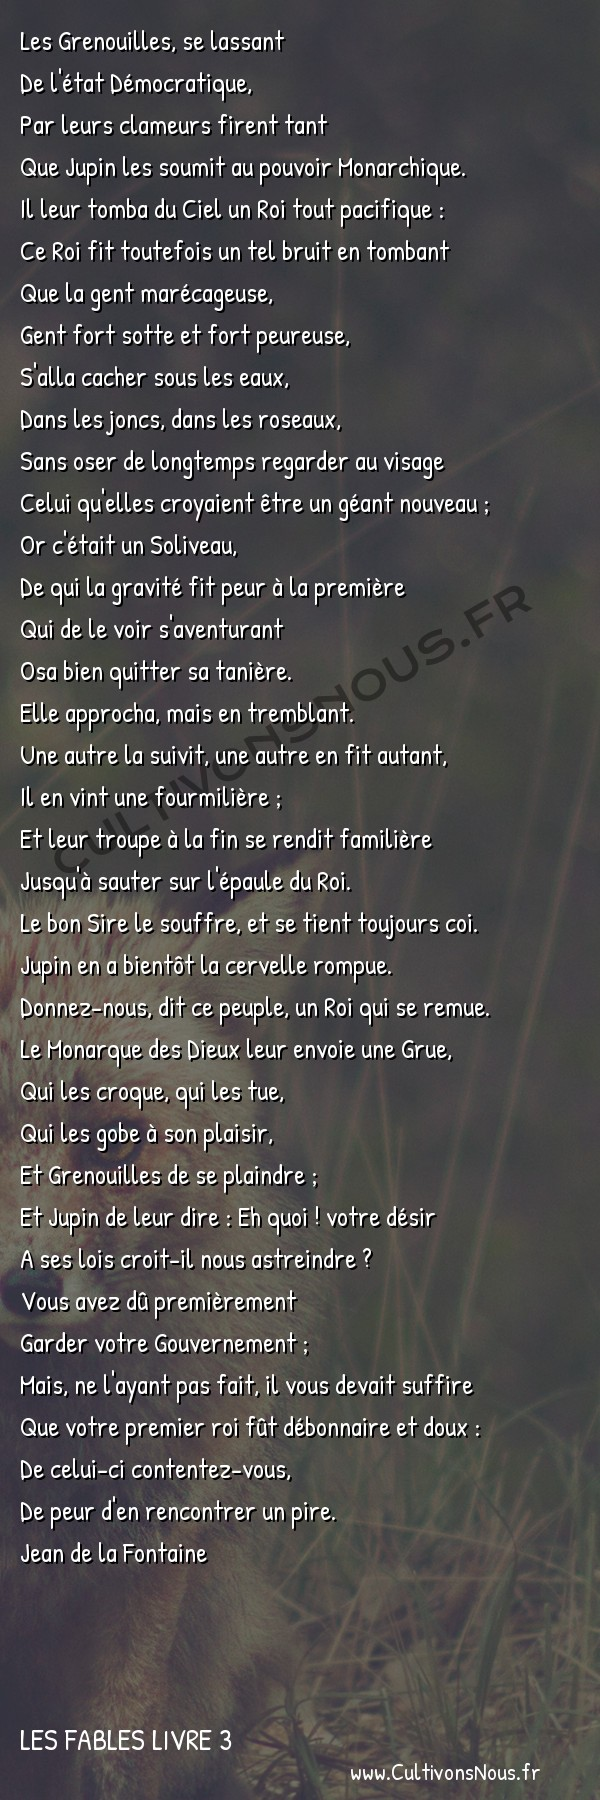 Fables Jean de la Fontaine - Les fables Livre 3 - Les Grenouilles qui demandent un Roi -   Les Grenouilles, se lassant De l'état Démocratique,